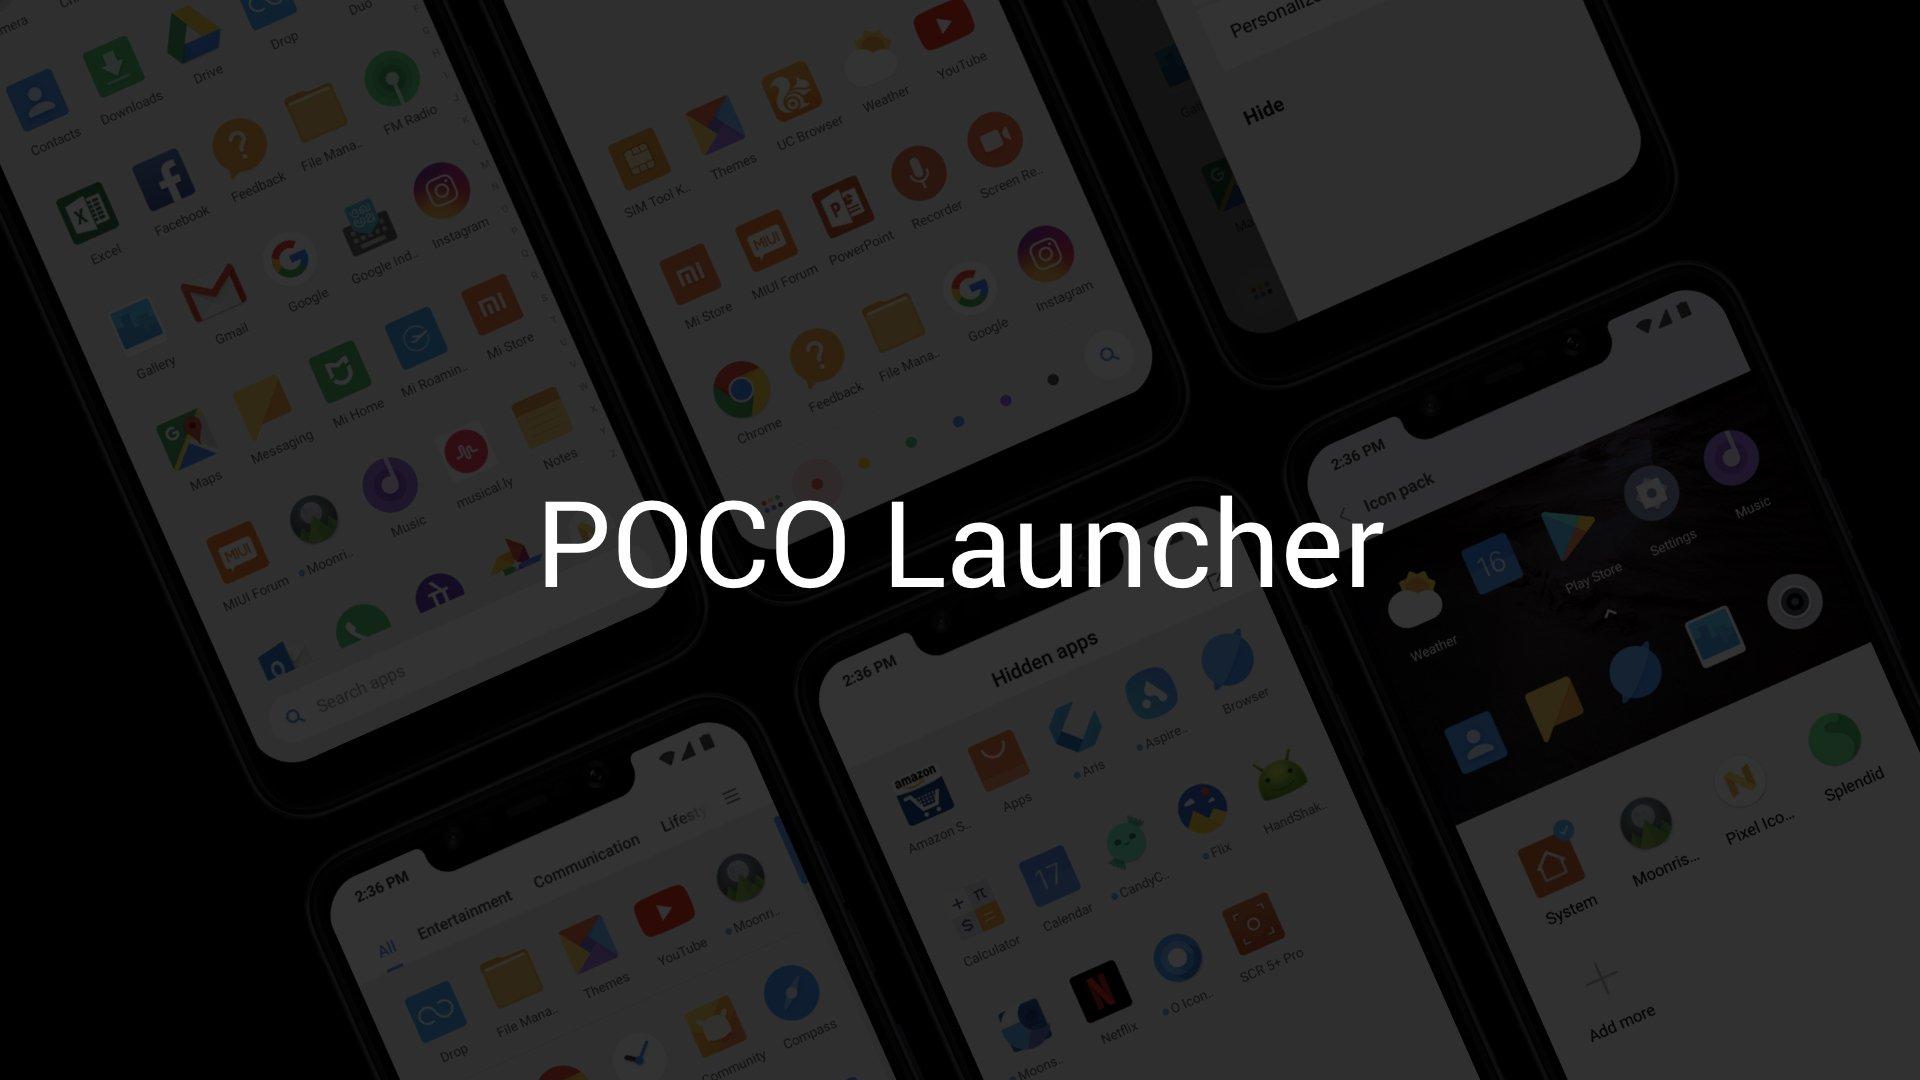 Le Poco Launcher s'équipe d'un thème sombre